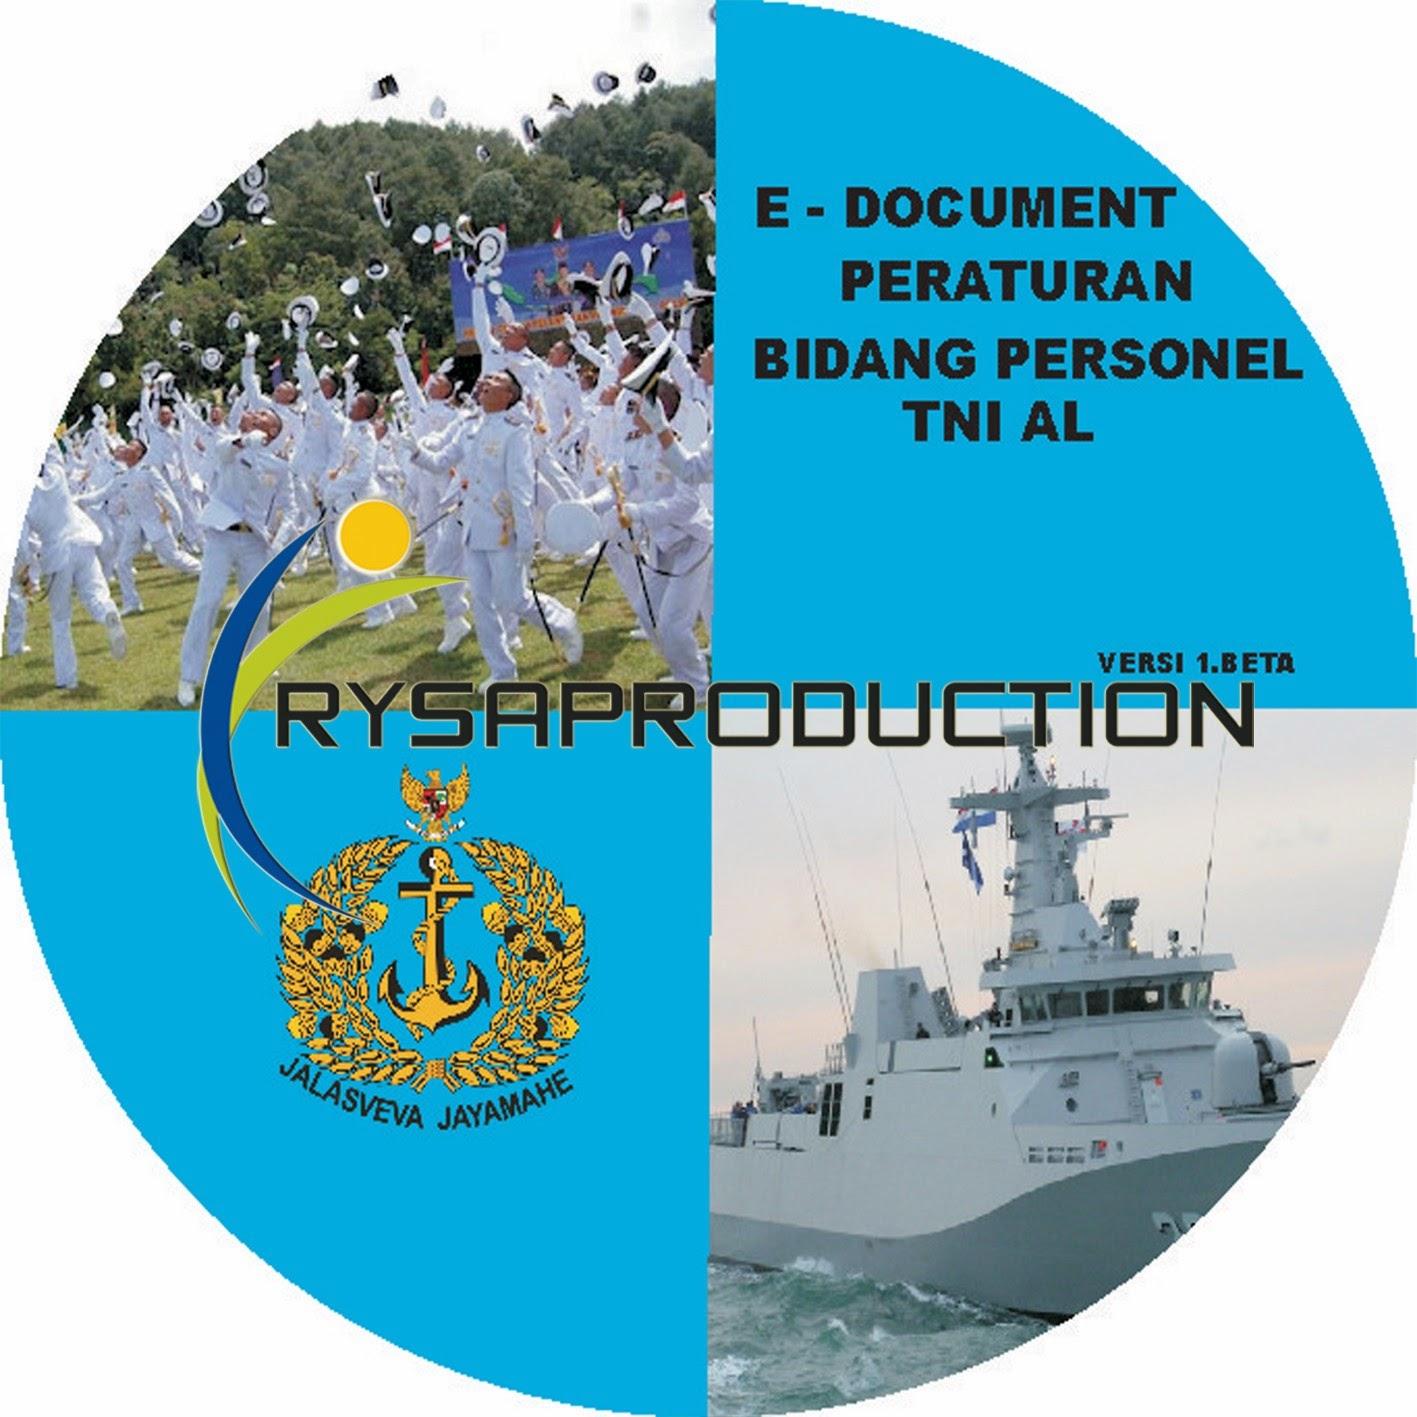 Peraturan Bidang Personel TNI AL